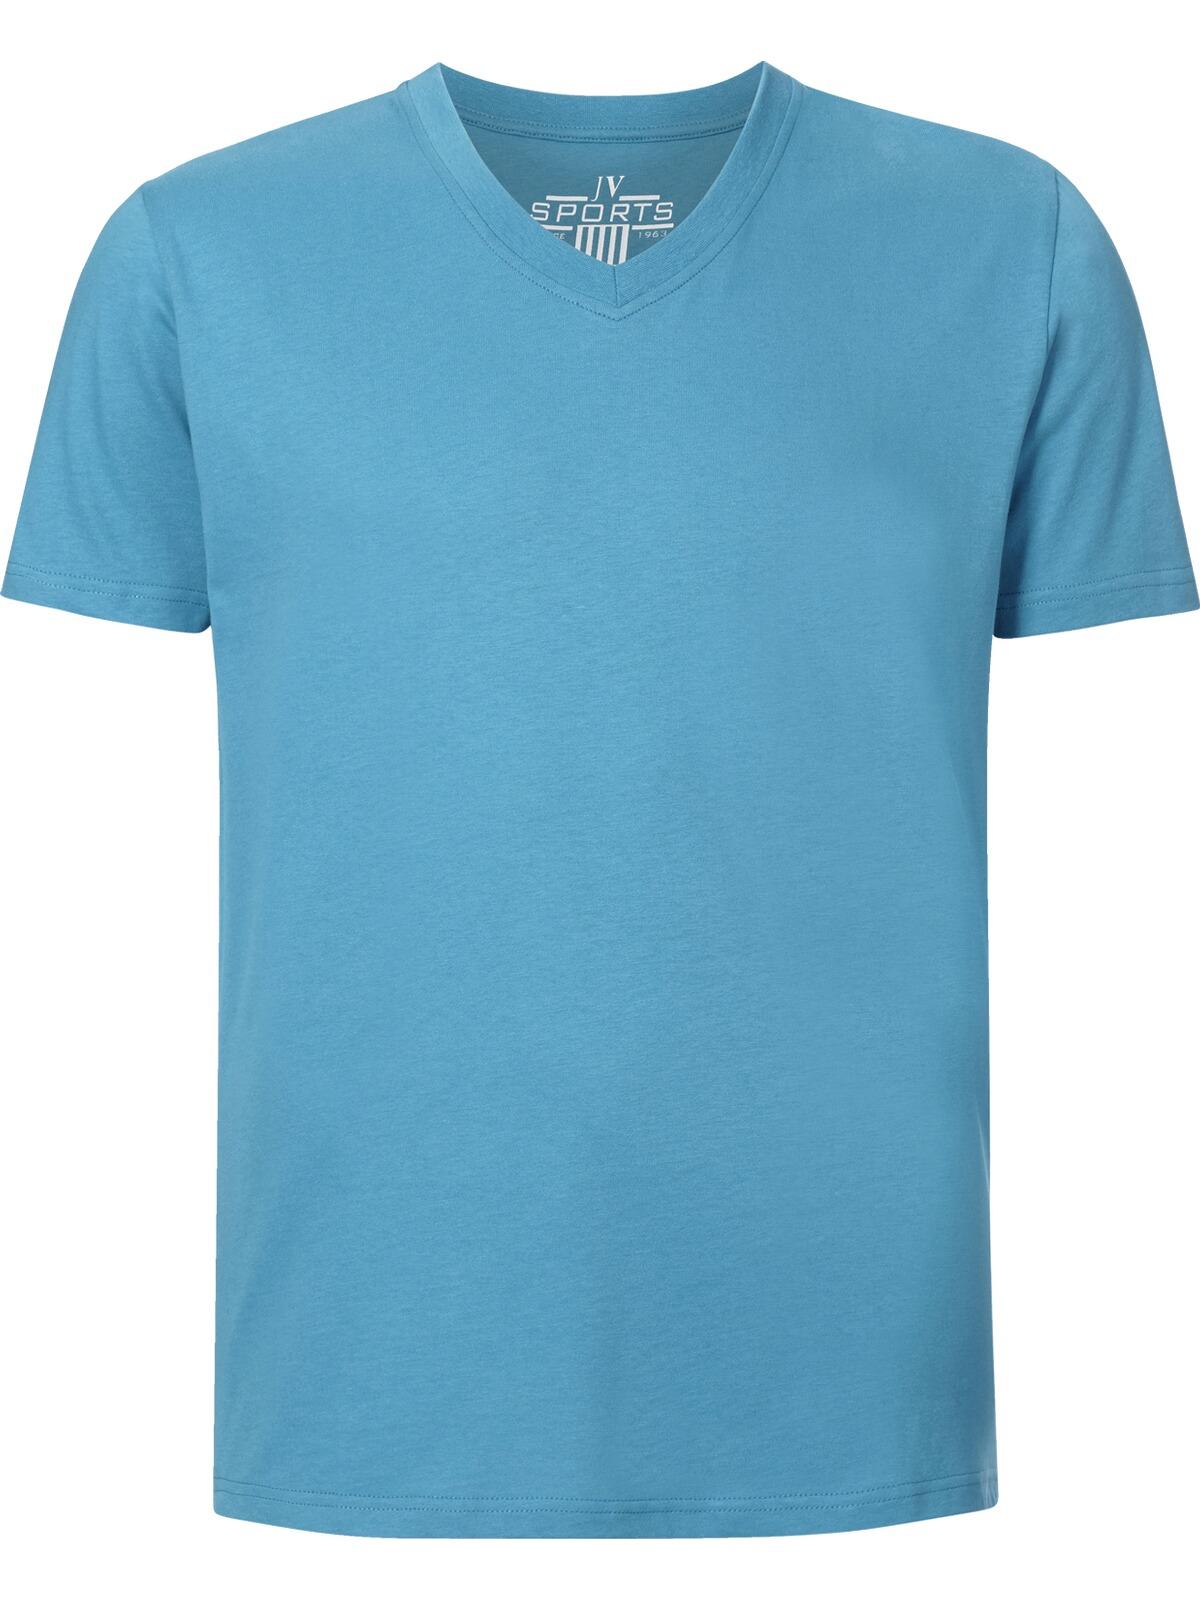 jan vanderstorm -  T-Shirt OSMO, Basic Shirt, legere Passform